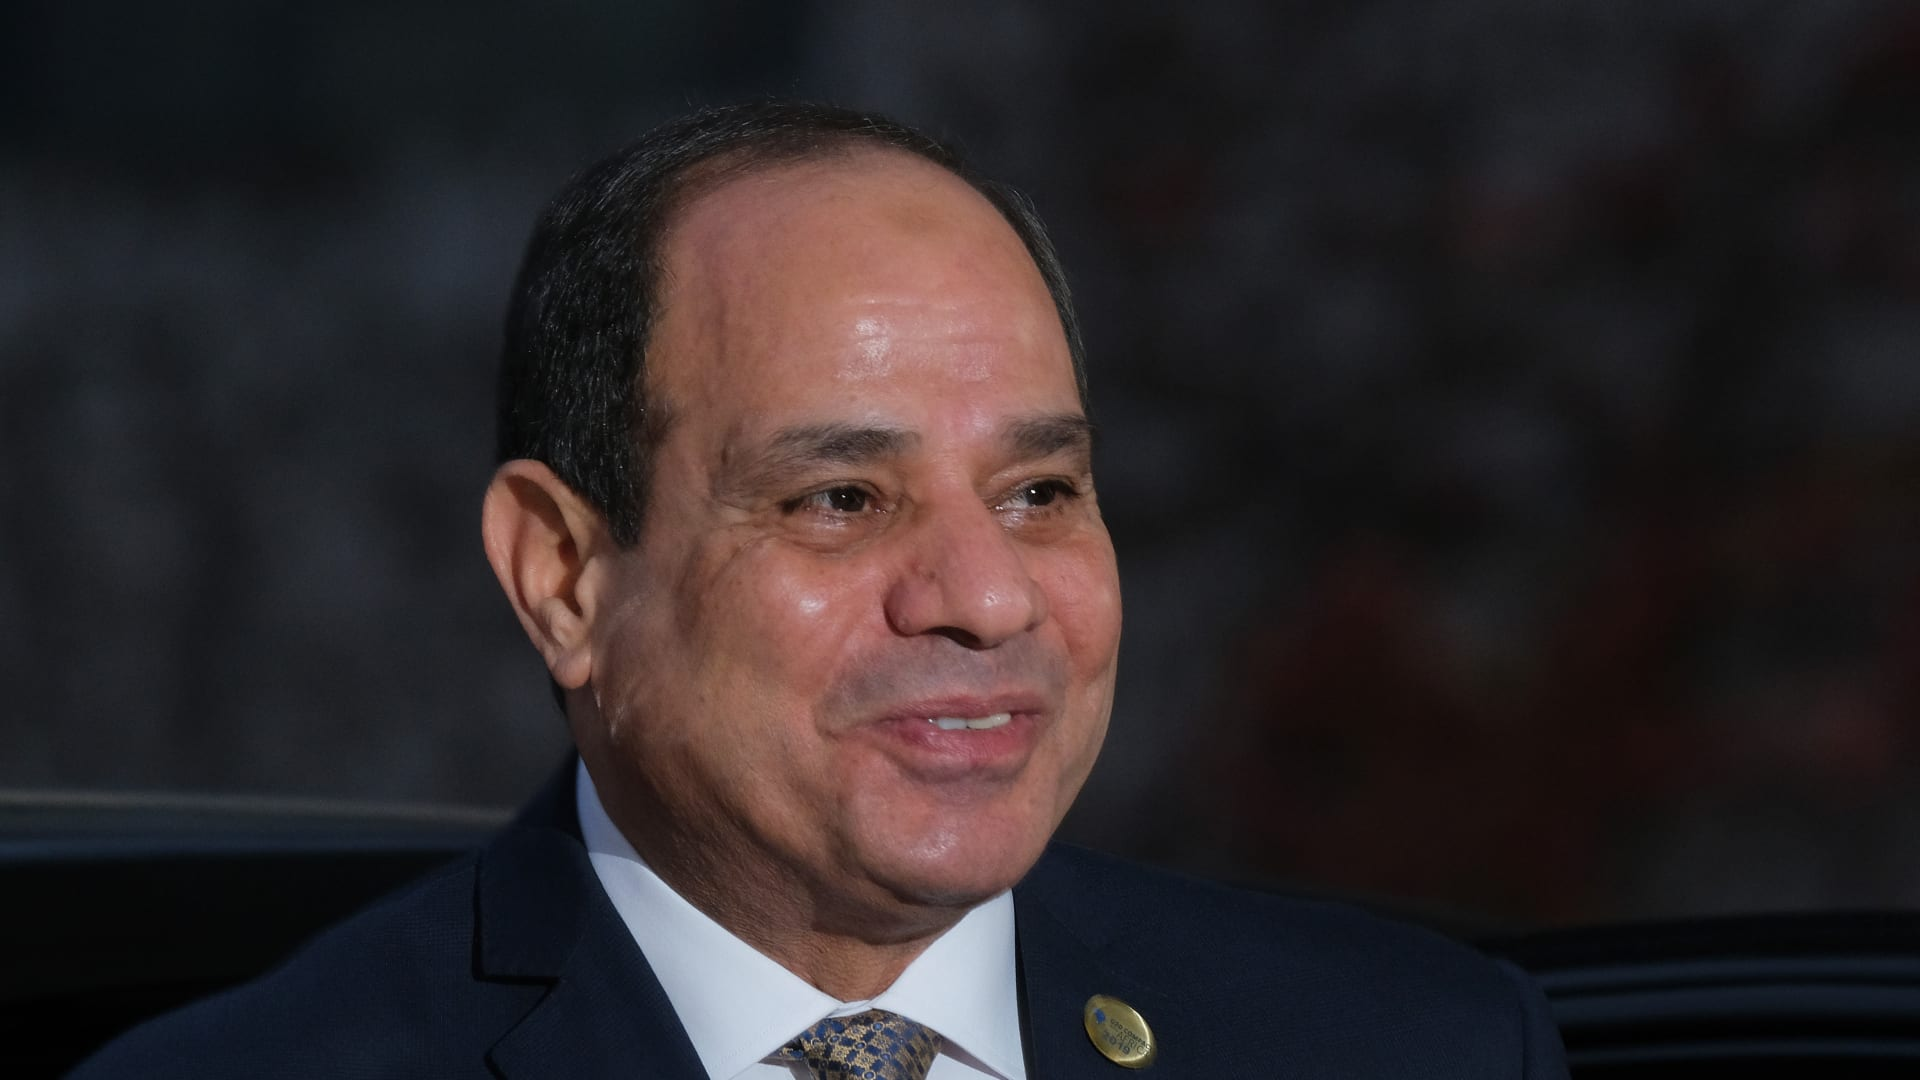 """vمع اشتعال أزمة """"سد النهضة"""".. تداول فيديو للسيسي يتجول على دراجته الهوائية في مصر"""